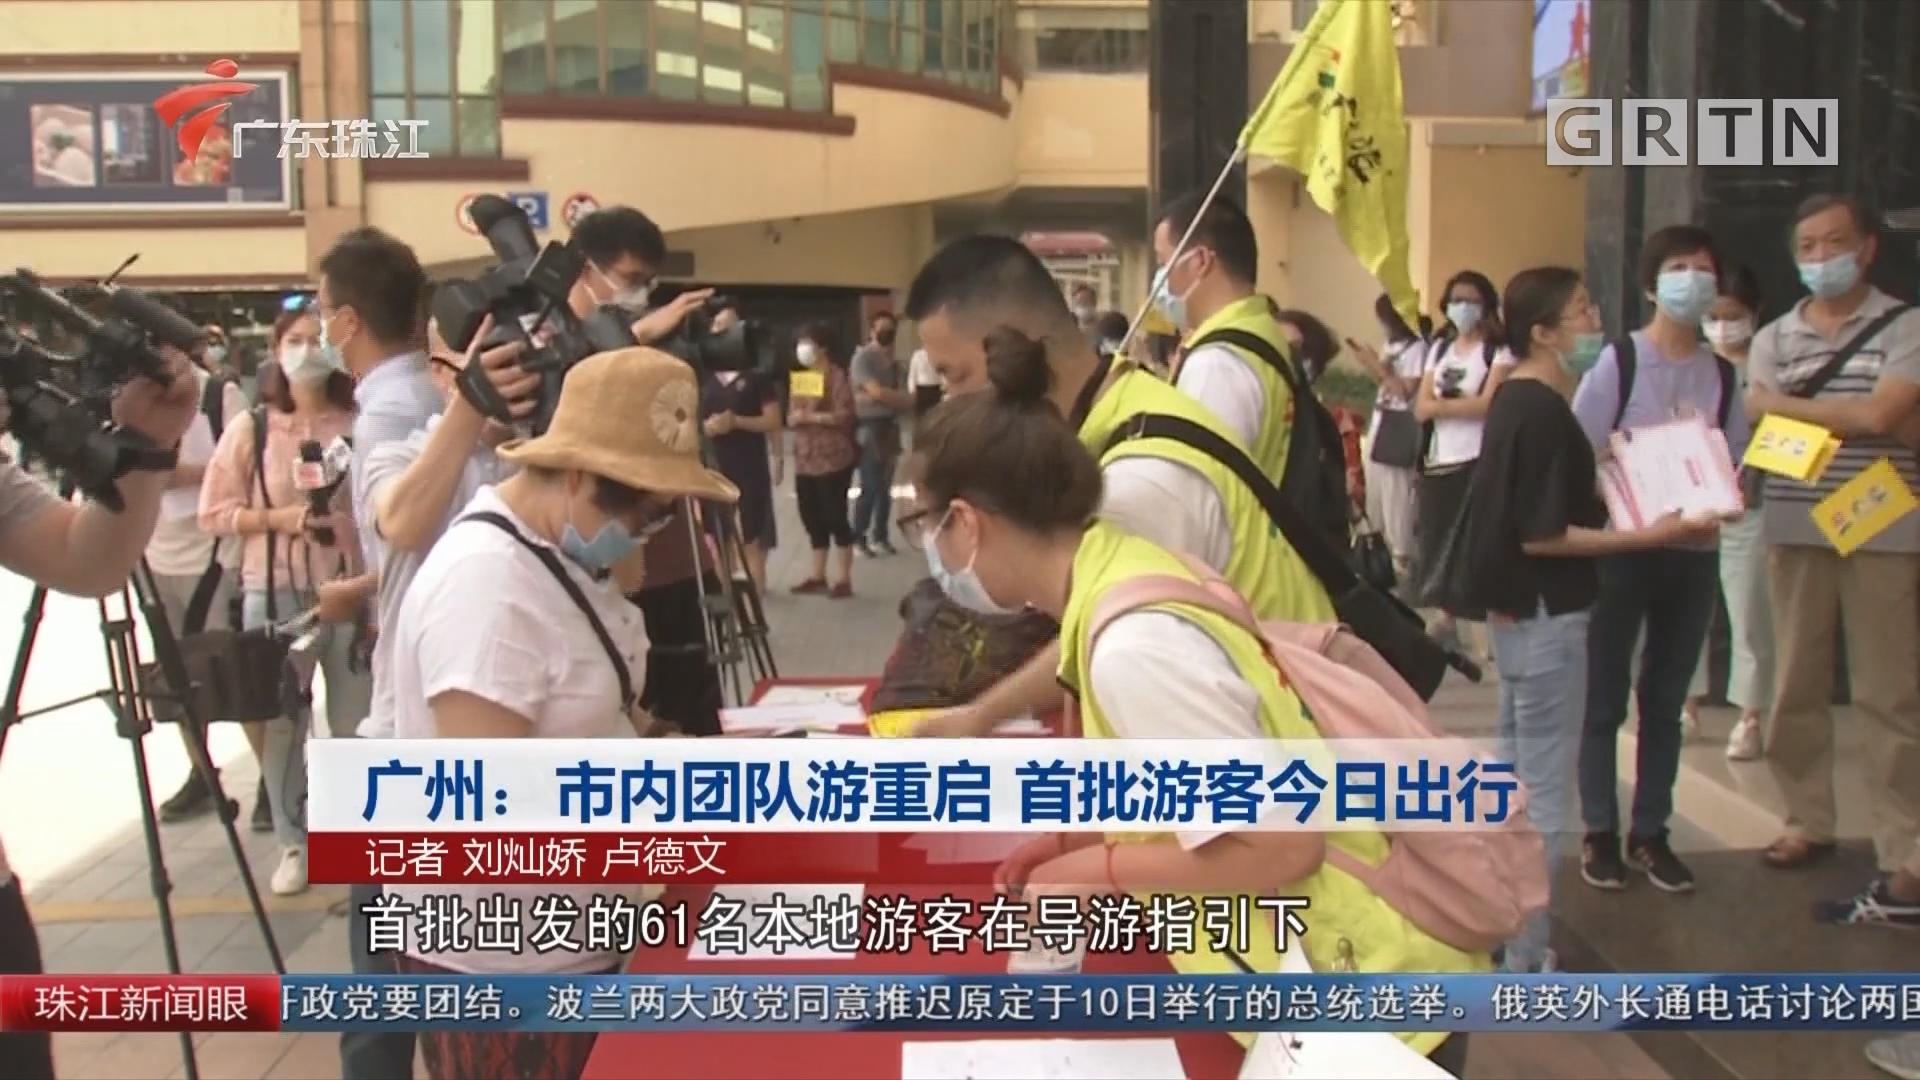 廣州:市內團隊游重啟 首批游客今日出行